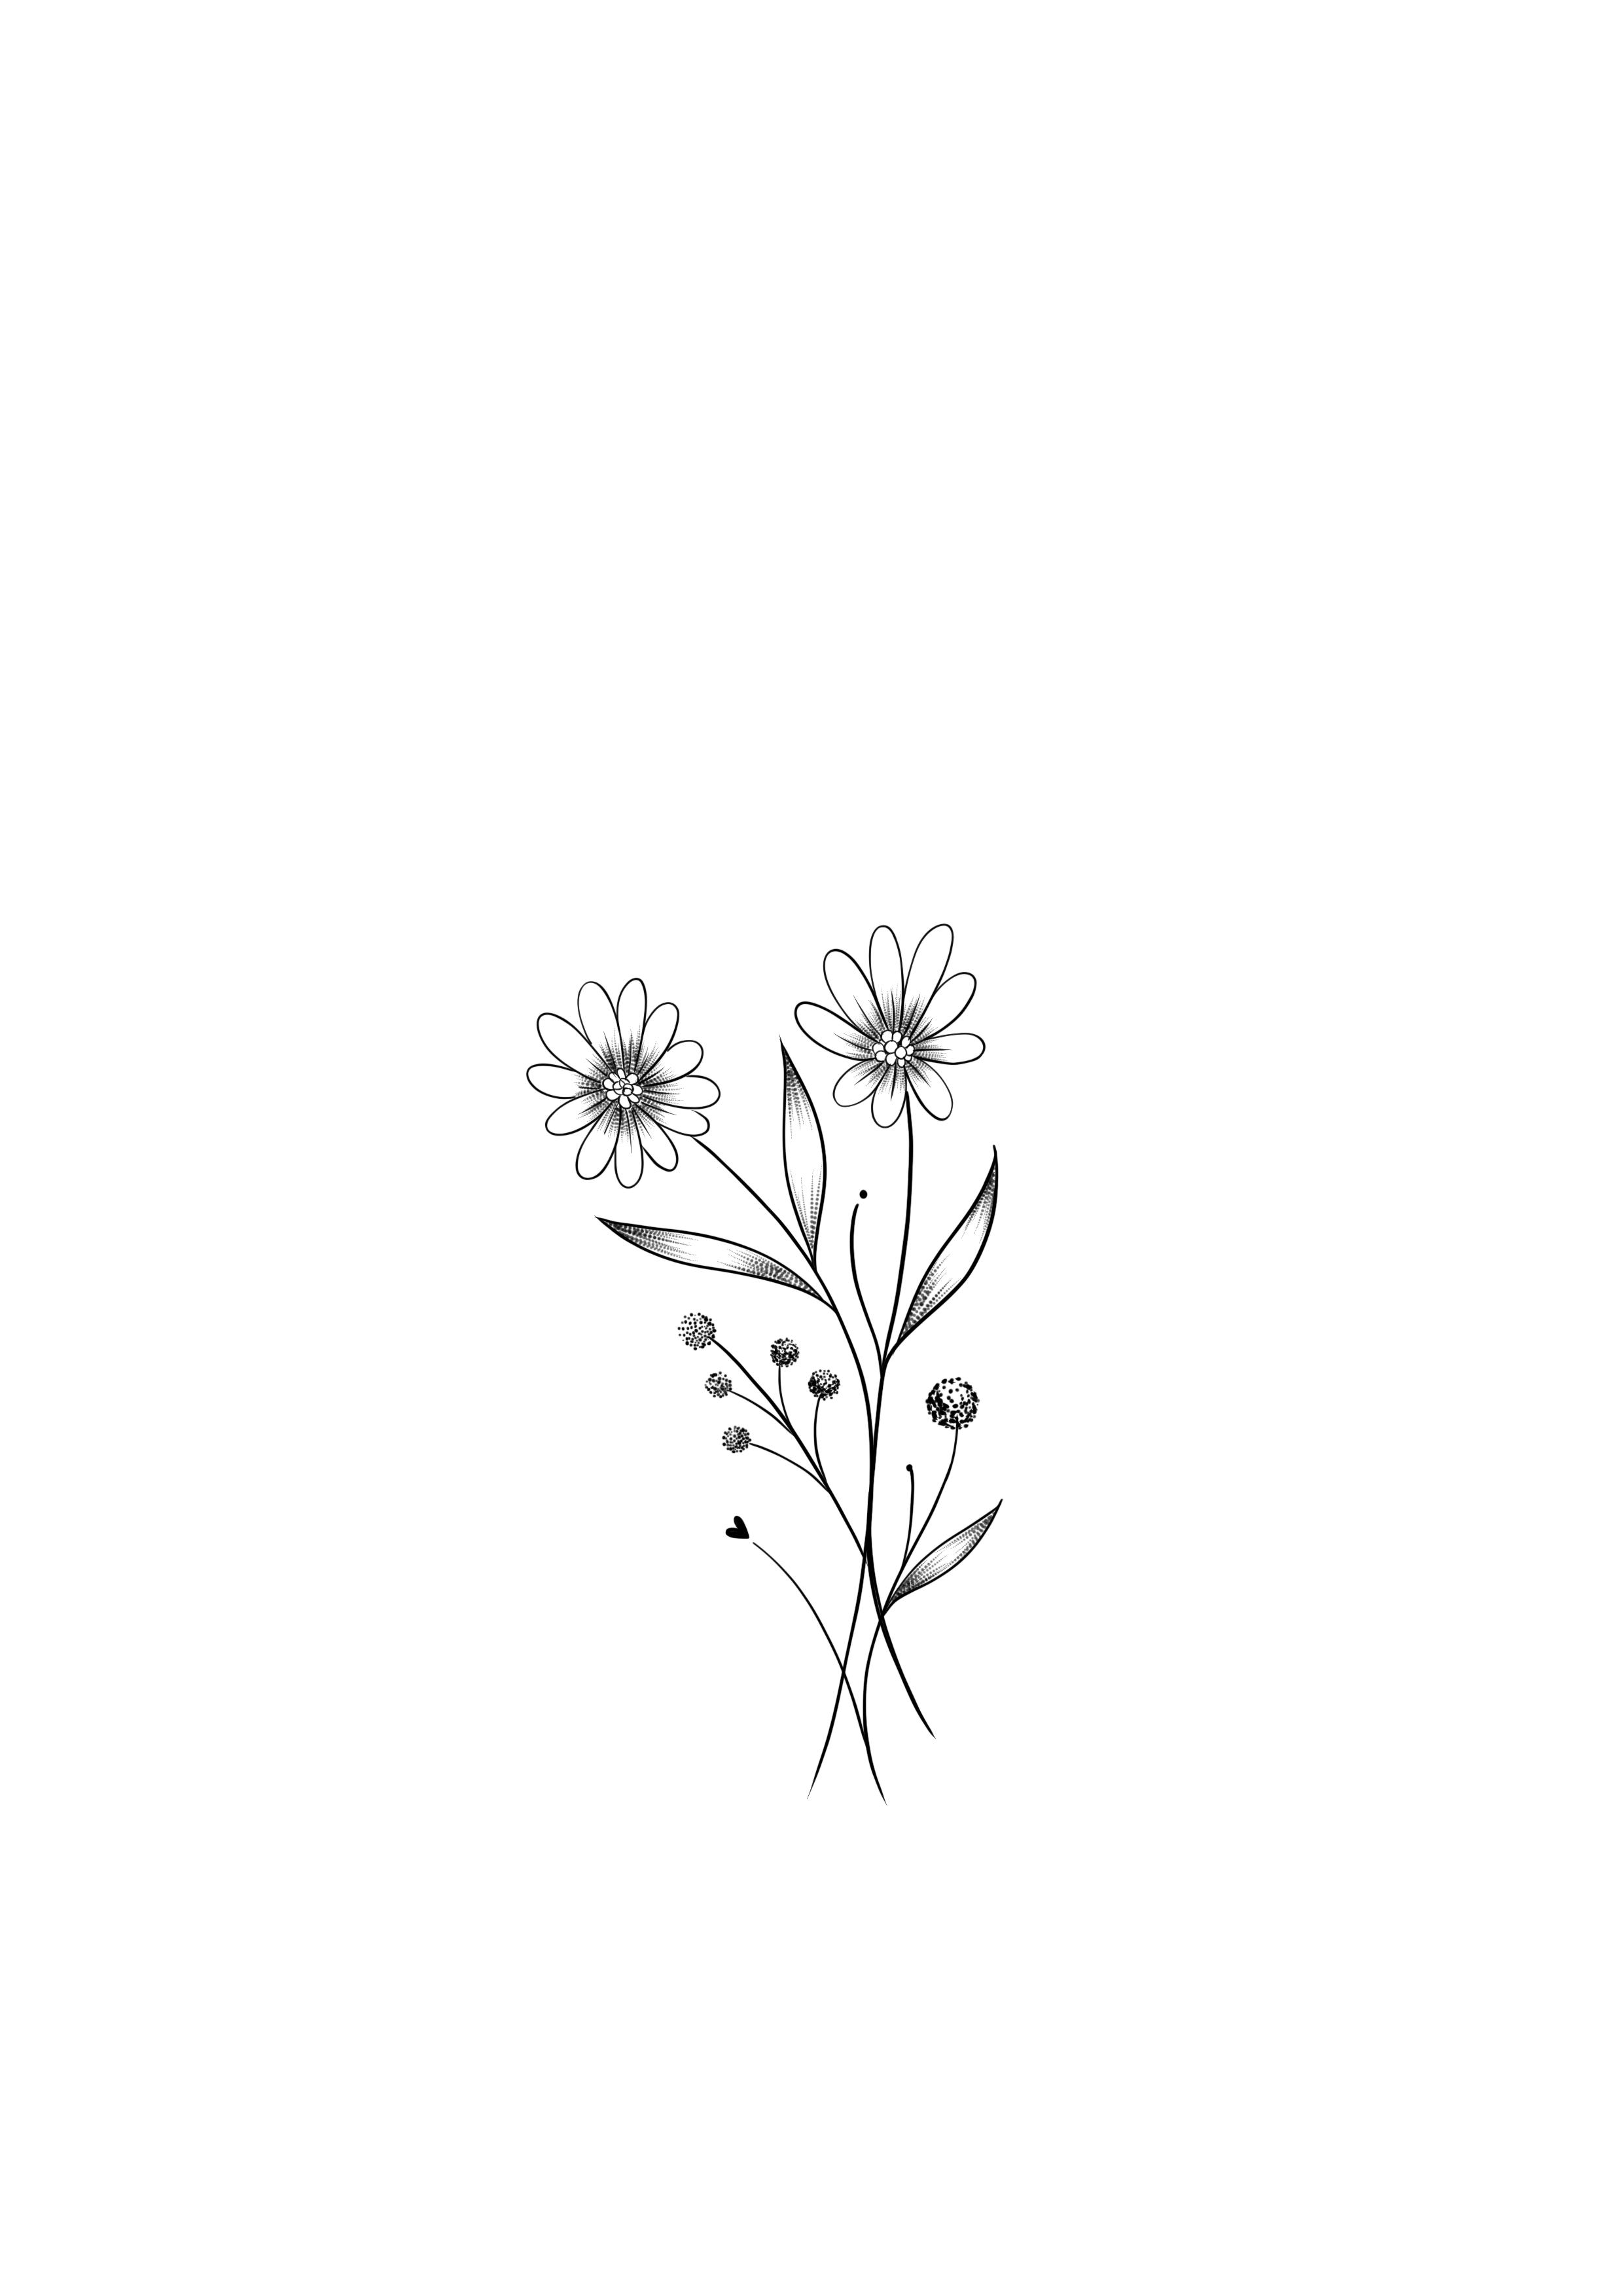 Desenho De Flor Pequena